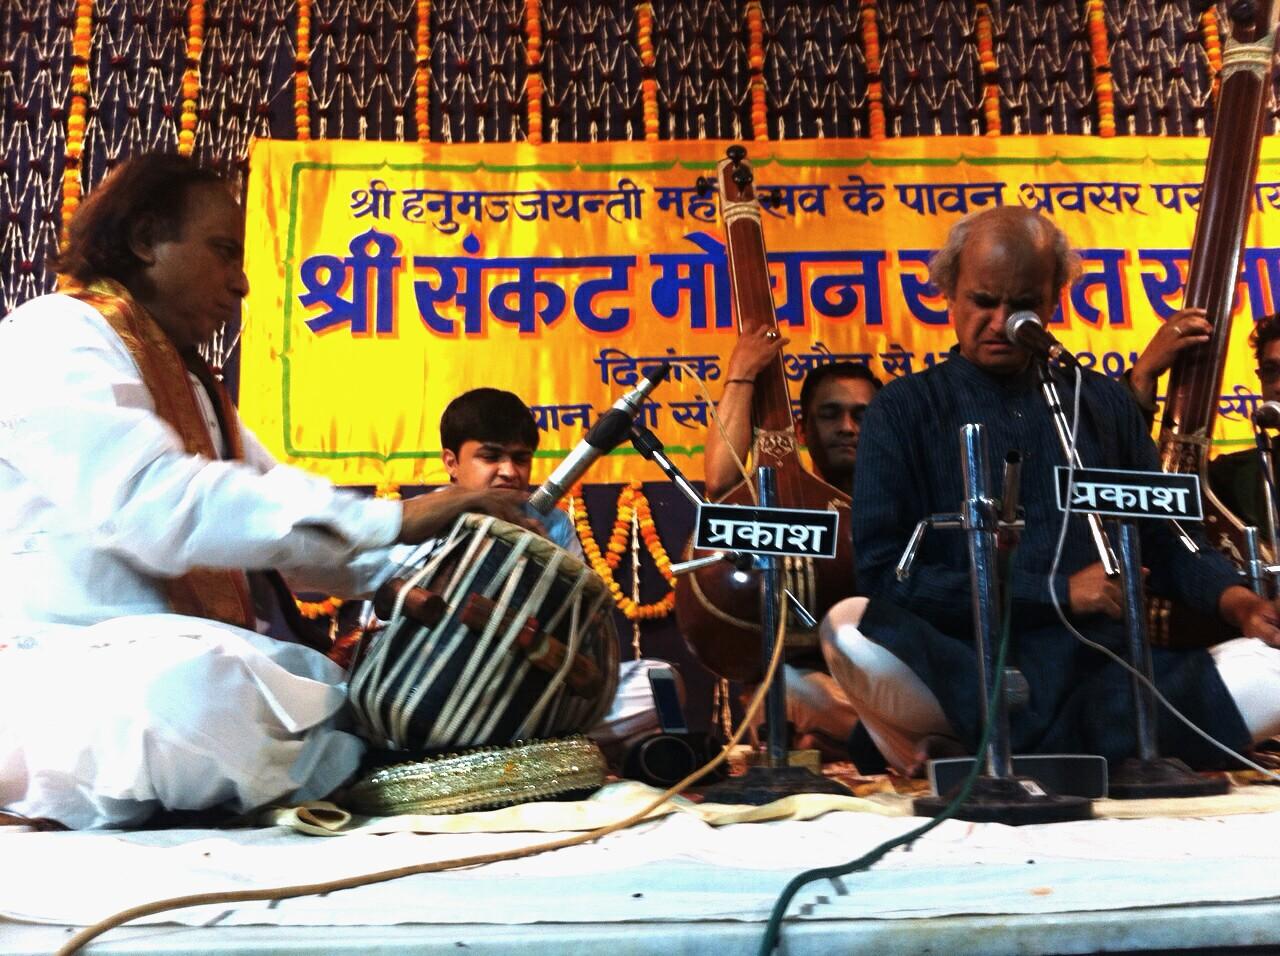 Sankatmochan Festival